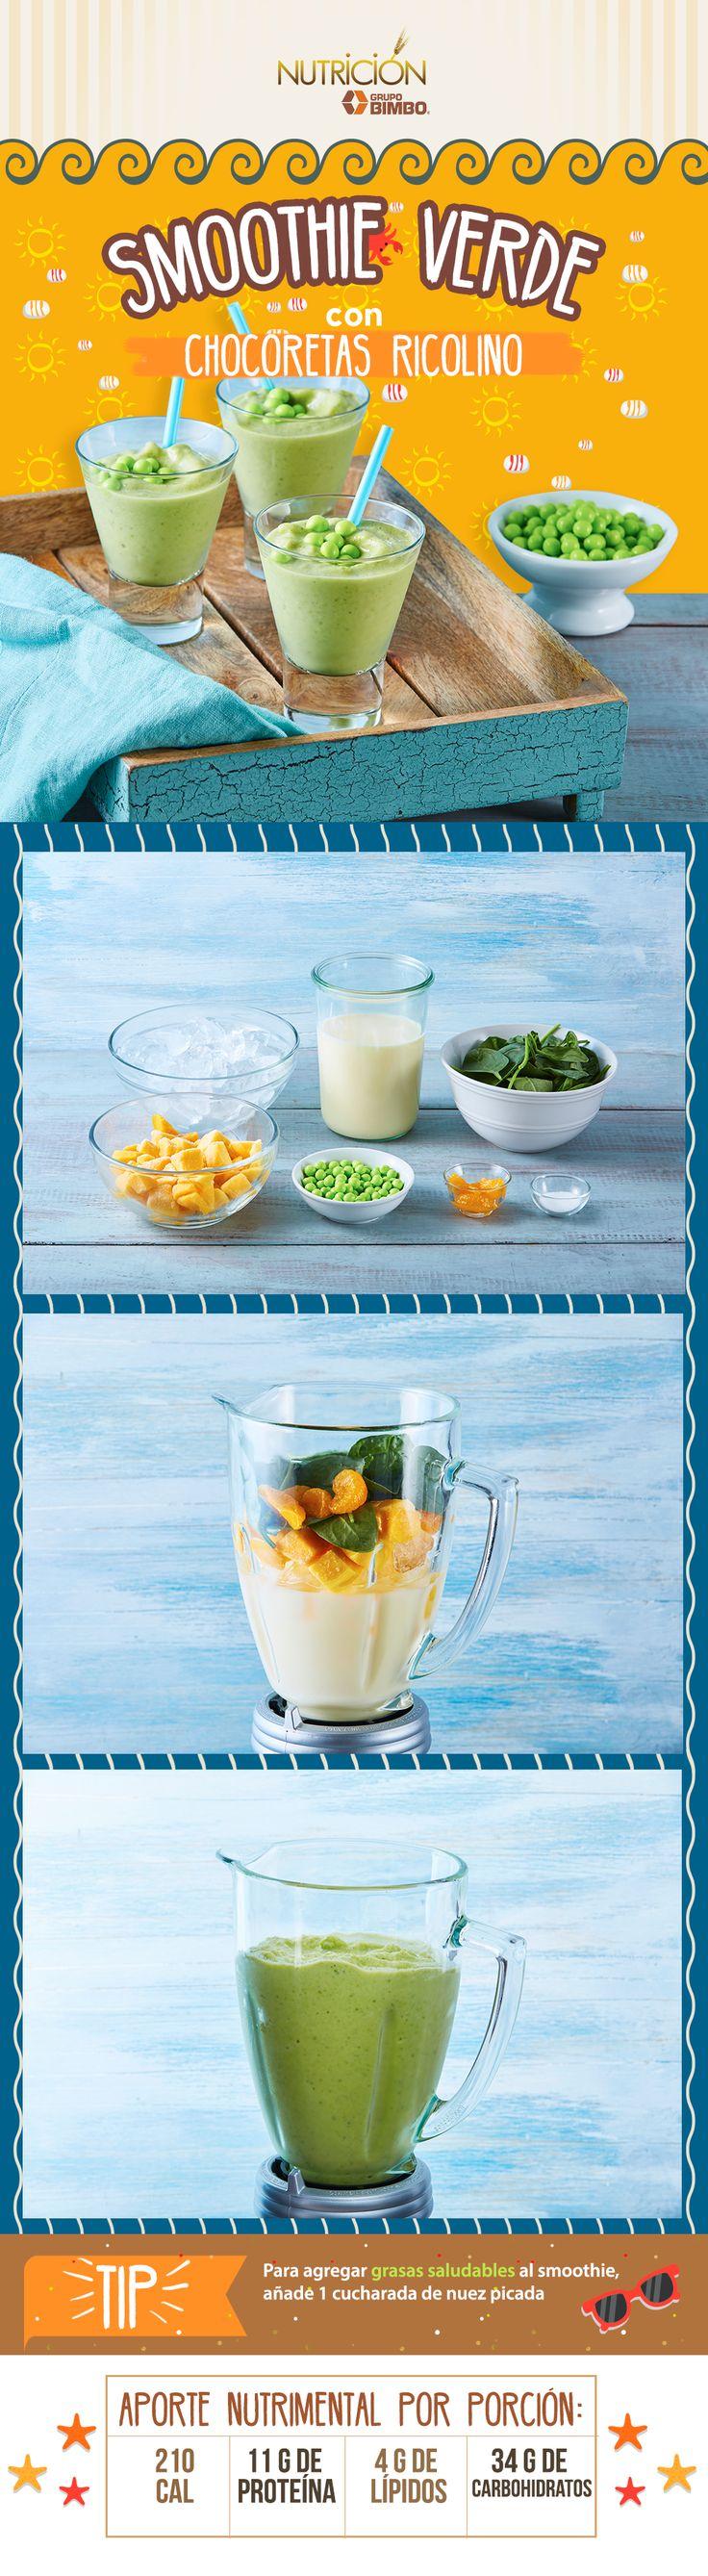 Disfruta y comparte esta deliciosa receta de Smoothie de Chocoretas Ricolino.